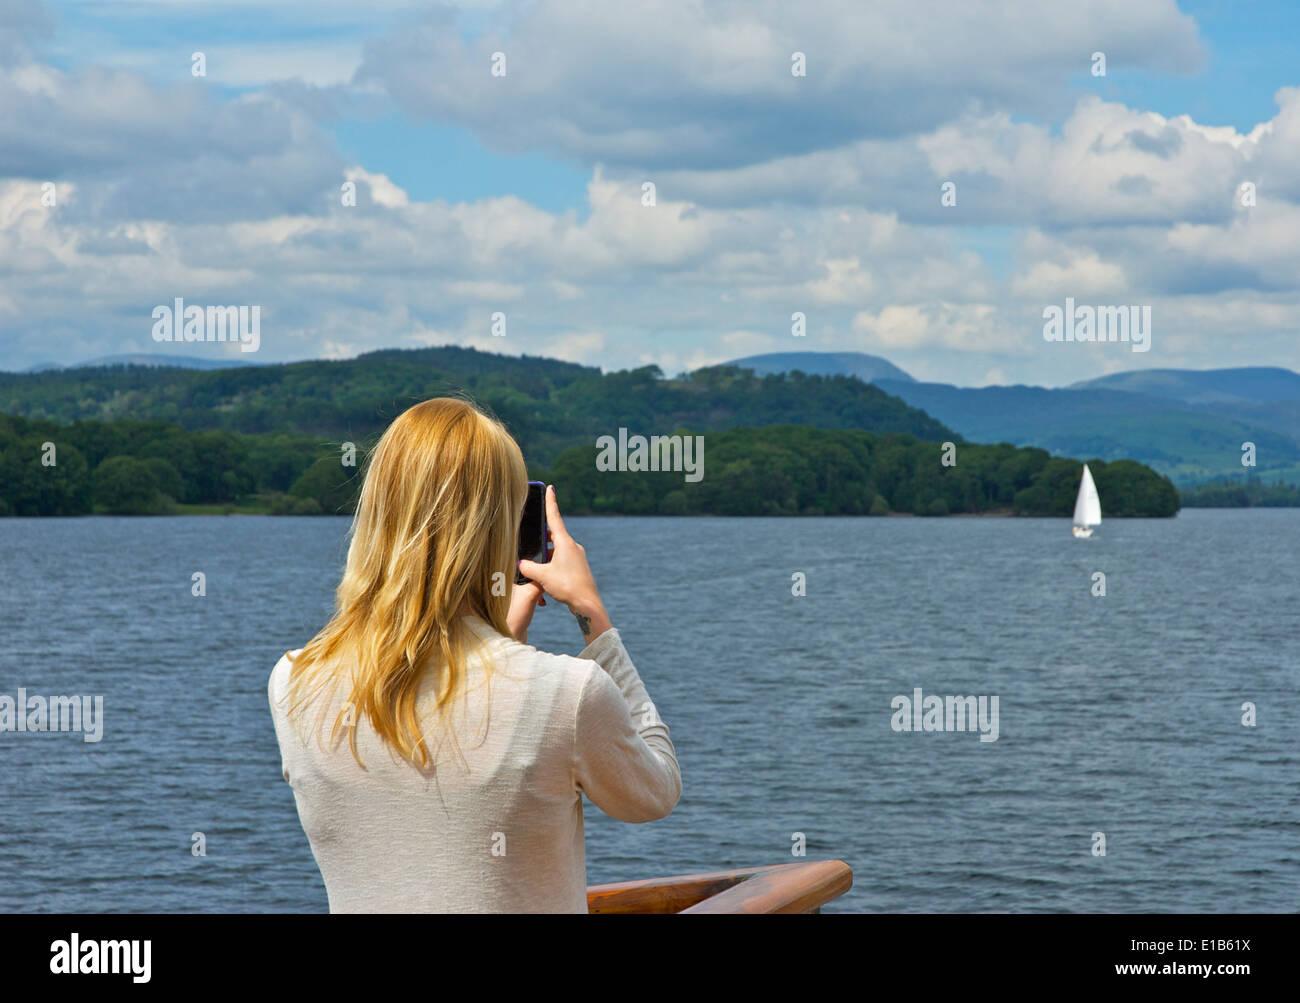 Jeune femme sur les 'steamer', de prendre une photo sur smartphone, le lac Windermere, Lake District, Cumbria, Angleterre, Royaume-Uni Photo Stock